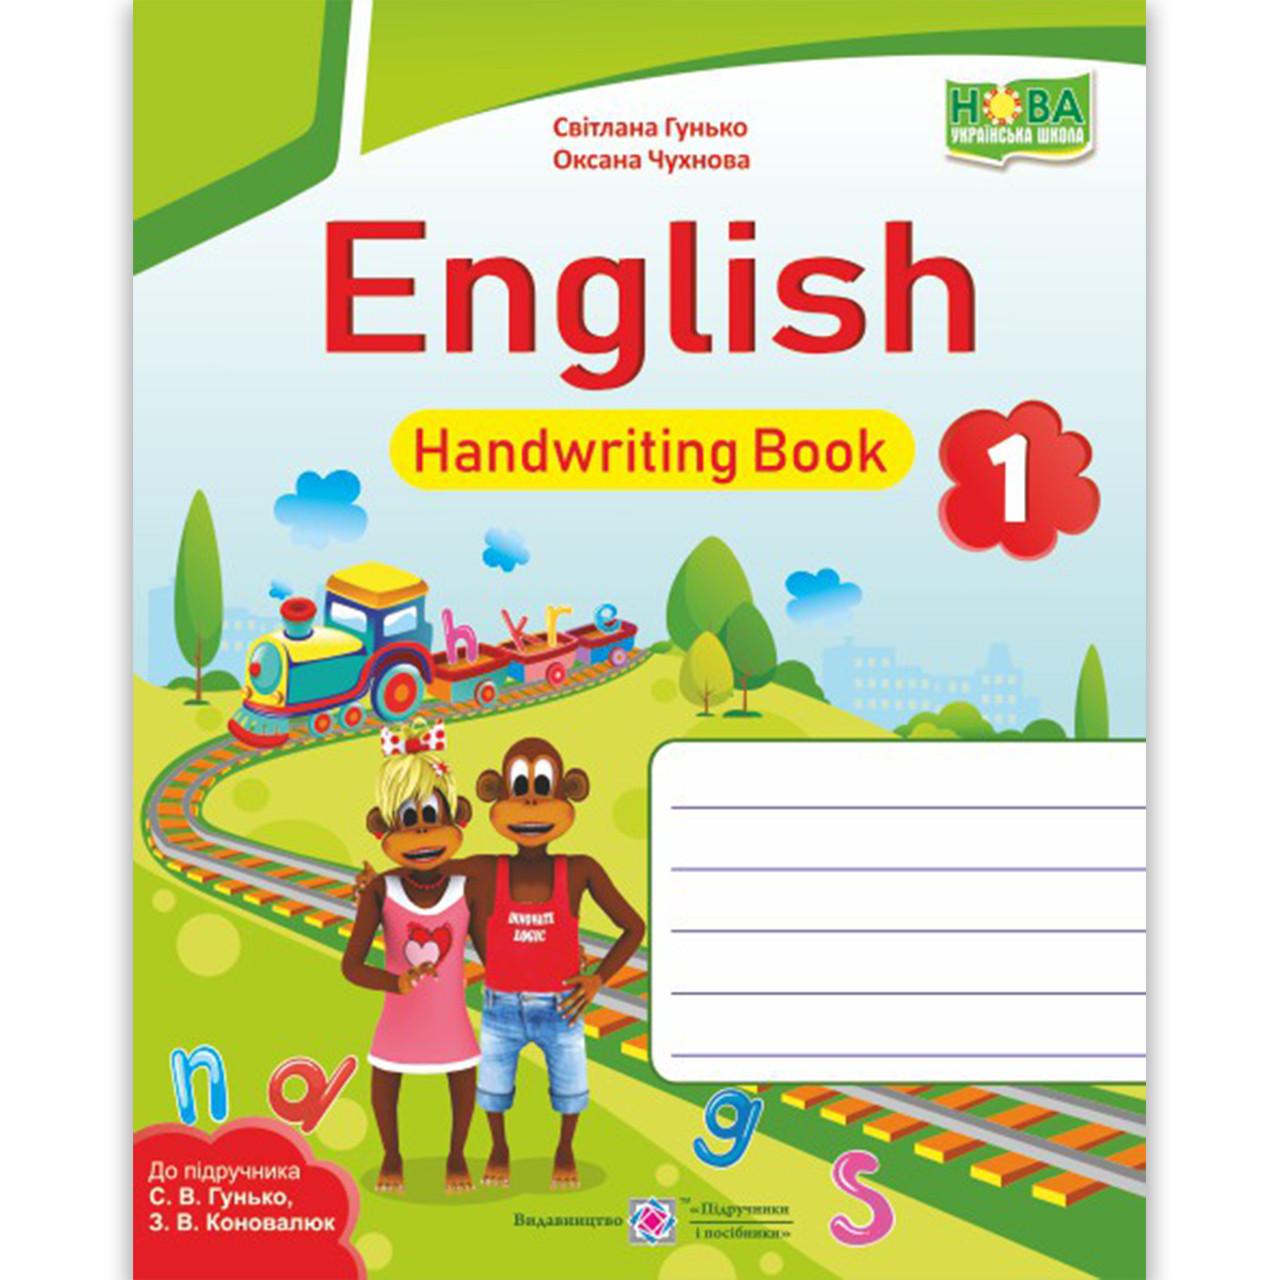 Зошит для письма Англійська мова 1 клас НУШ Авт: Гунько С. Вид: Підручники і Посібники